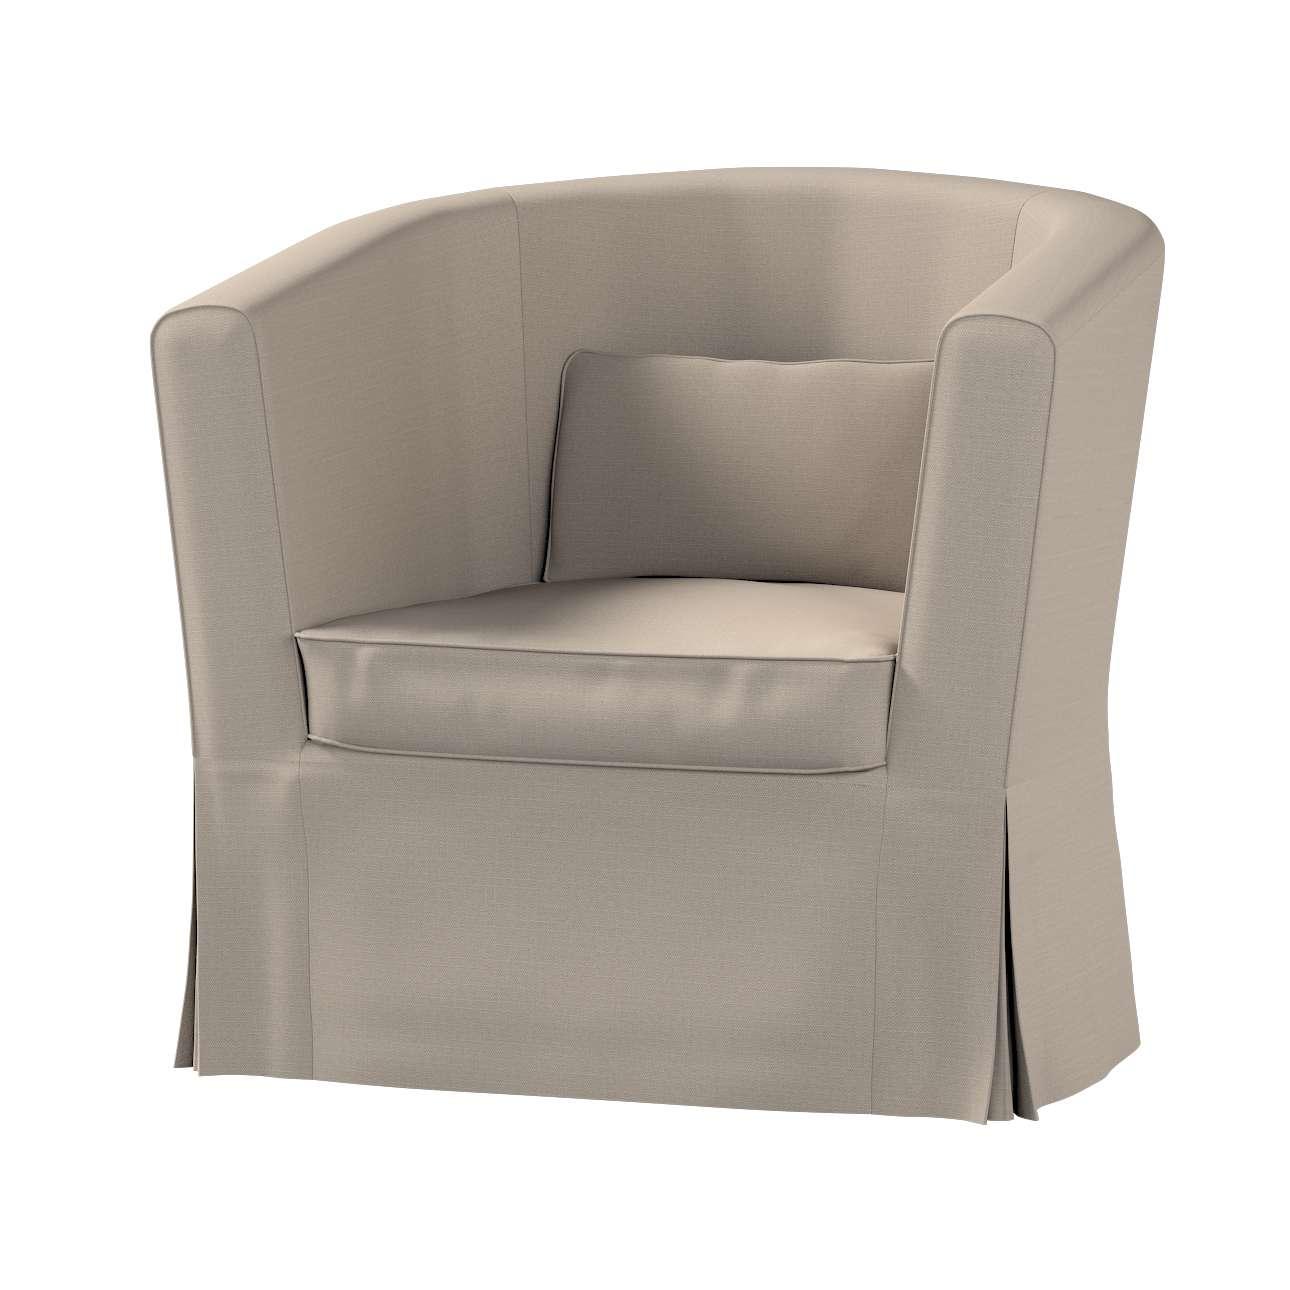 Pokrowiec na fotel Ektorp Tullsta w kolekcji Living, tkanina: 161-53